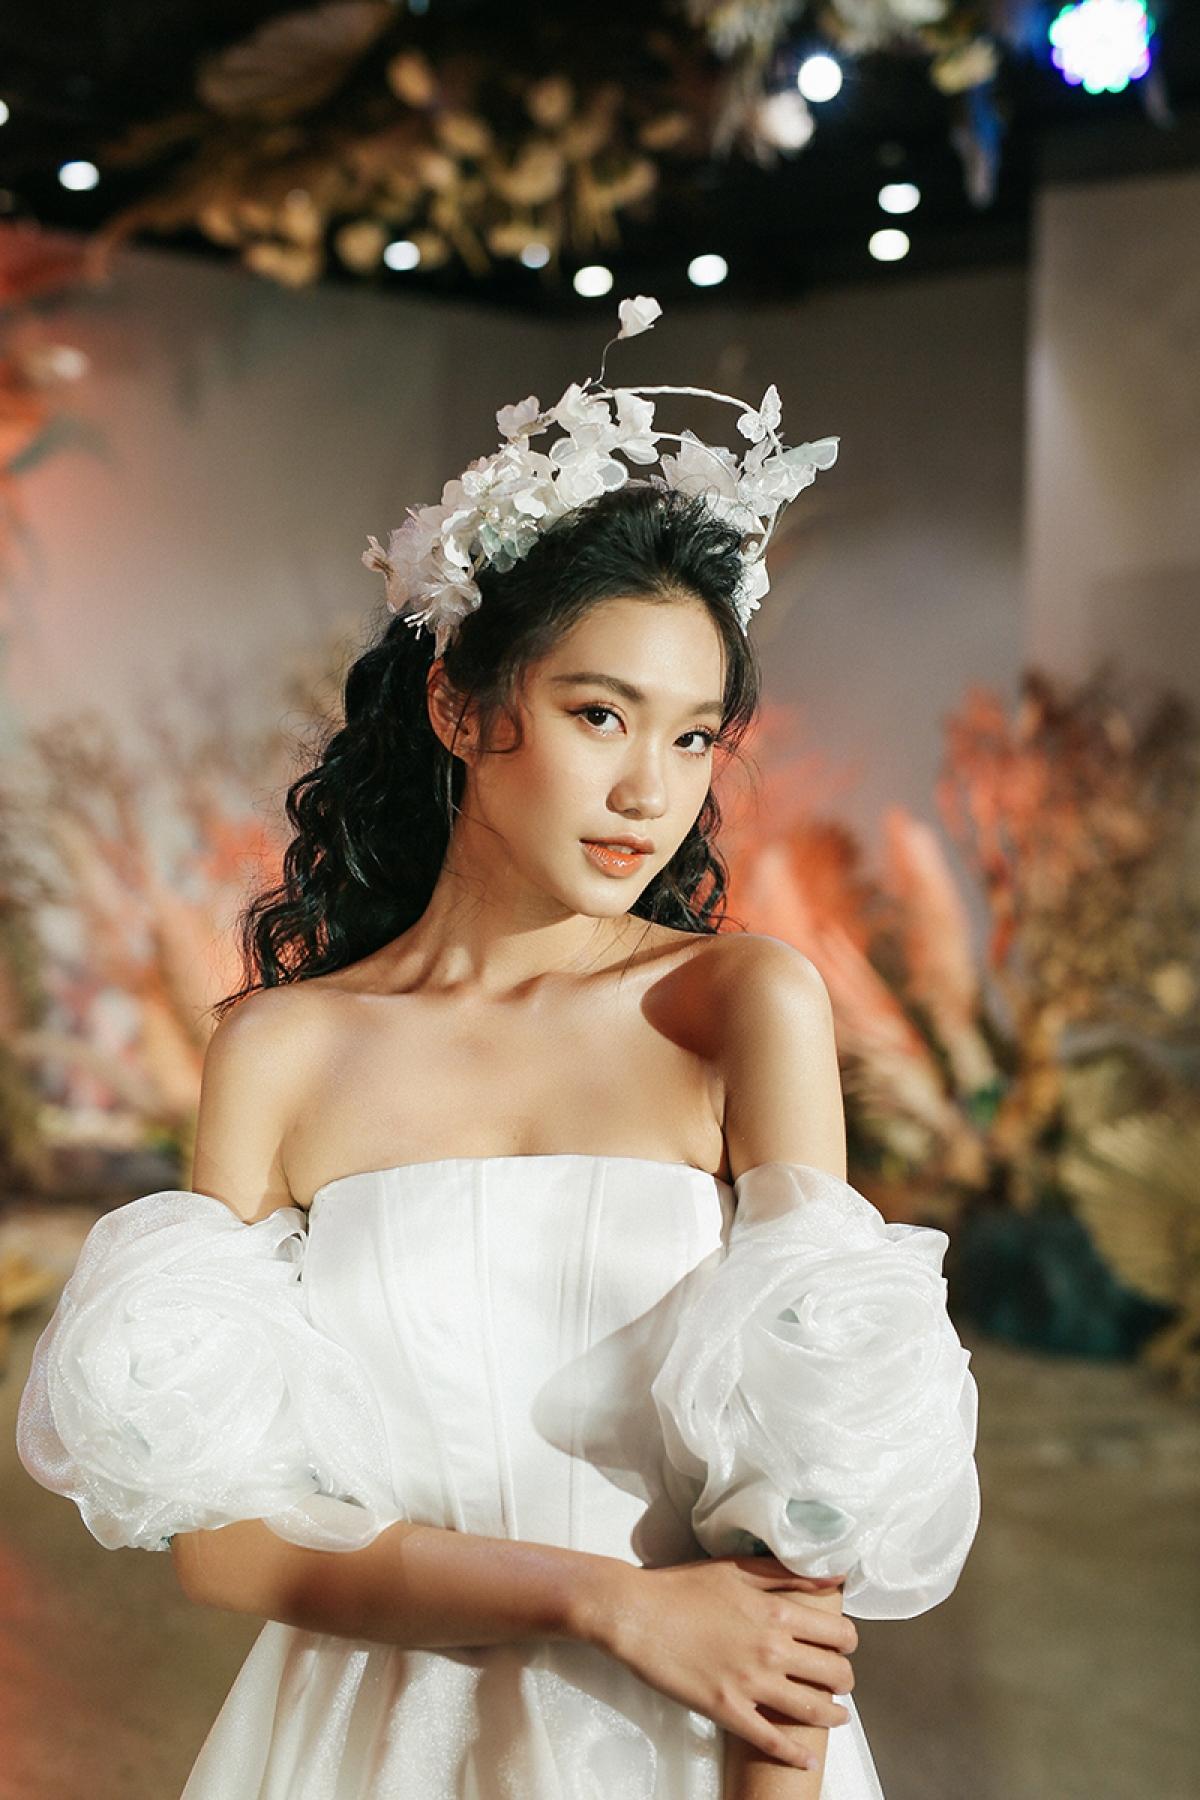 Dù chỉ dừng chân tại top 10 cuộc thi Hoa hậu Việt Nam 2020 nhưng cái tên Doãn Hải My vẫn gây được ấn tựng tốt bởi vẻ đẹp trong sáng, hút hồn người đối diện.